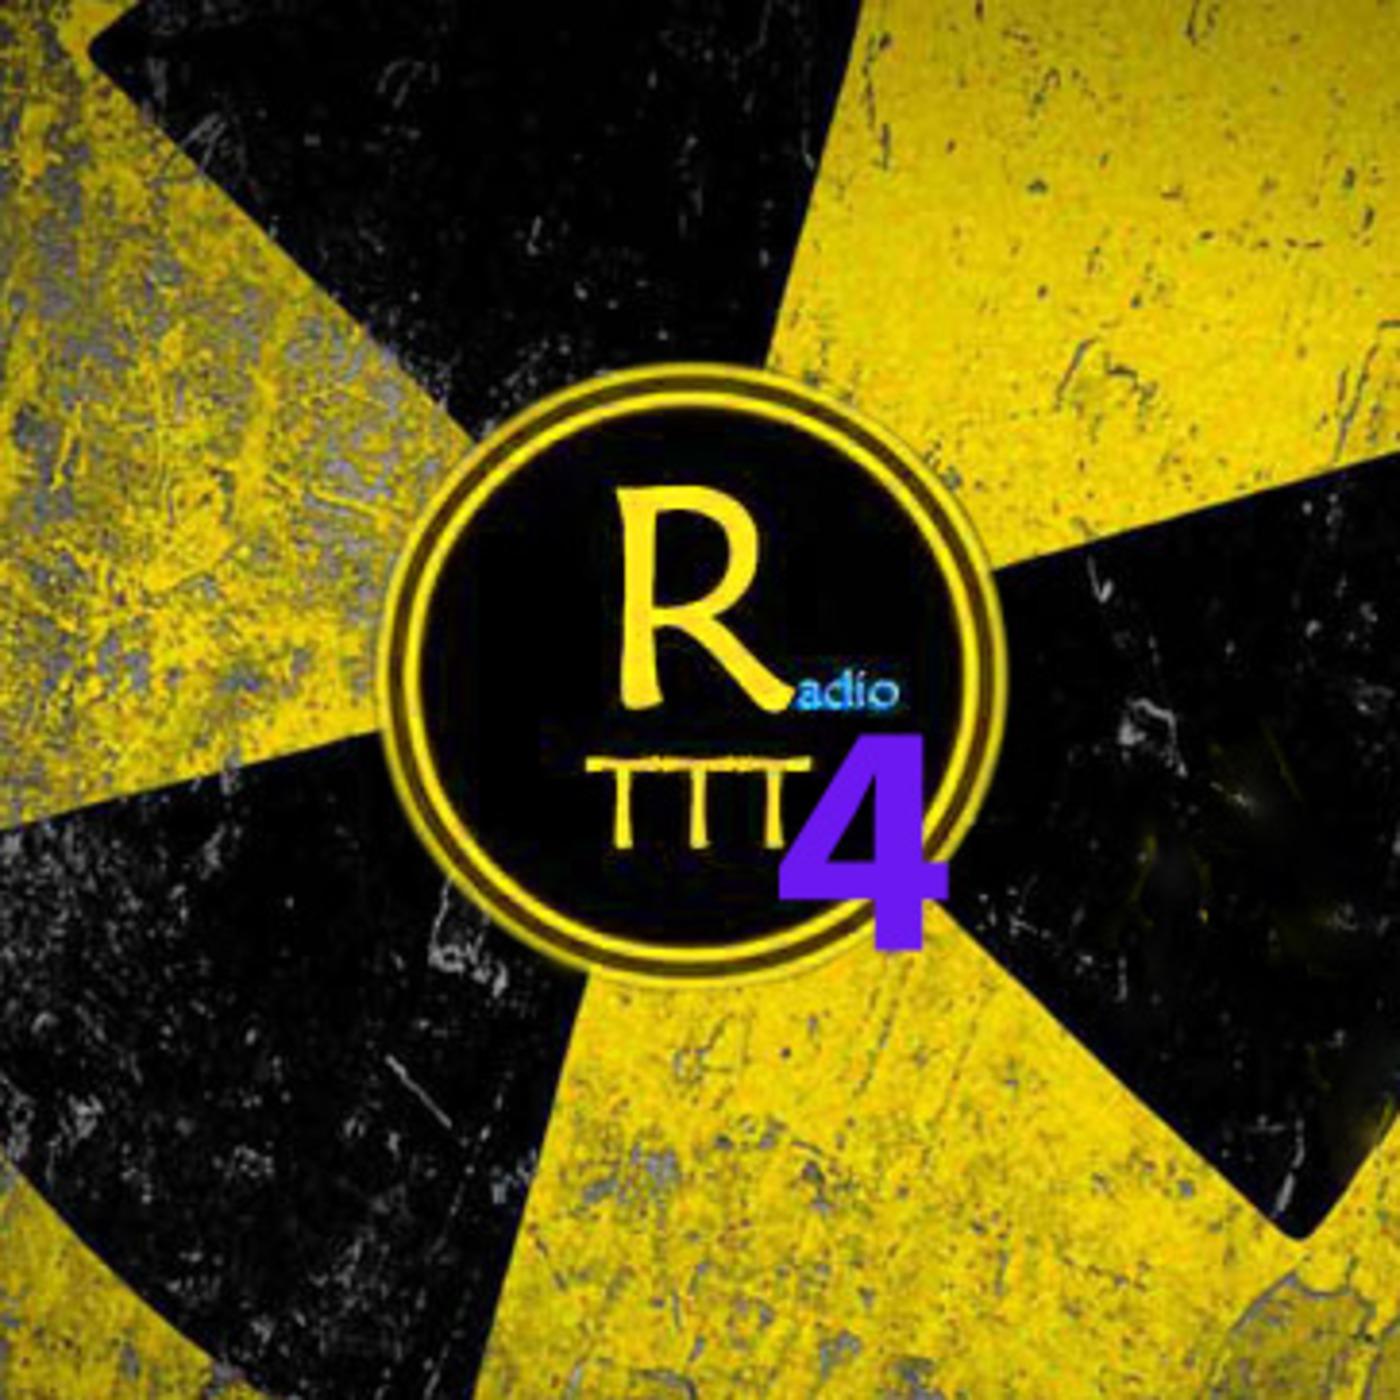 Radio TTT